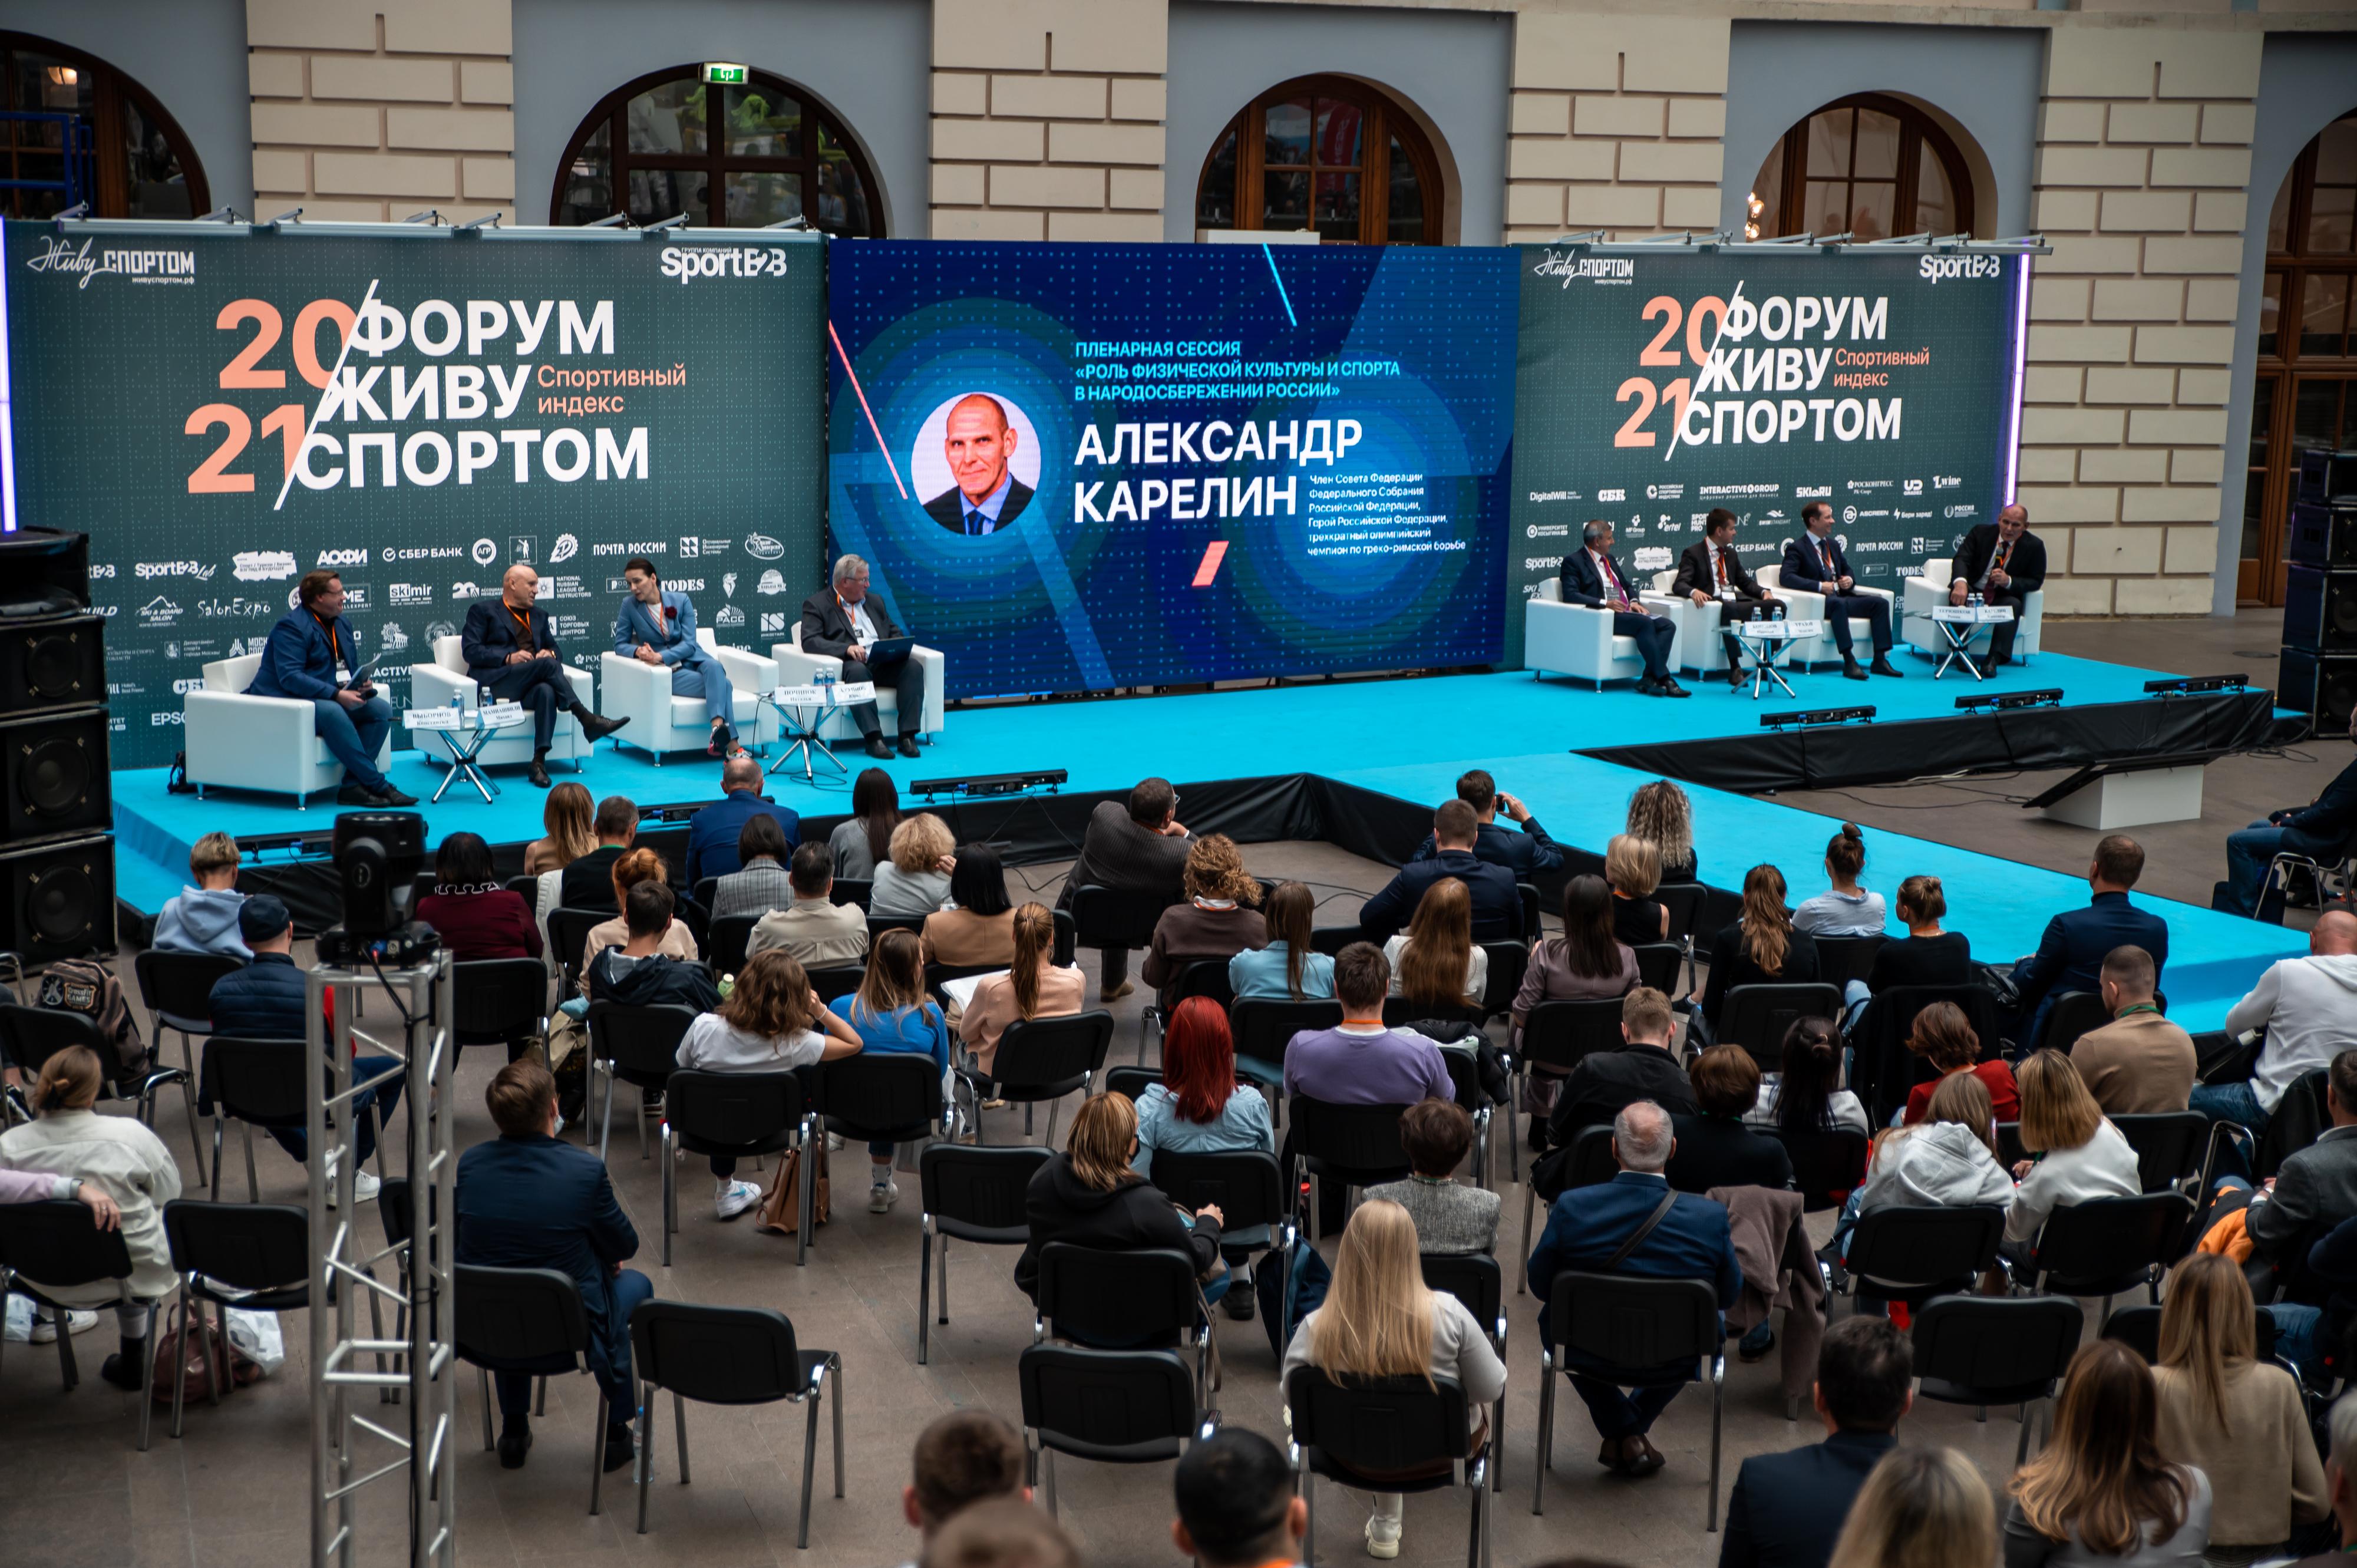 Влияние спорта на народосбережение стало главной темой пленарного заседания Всероссийского форума «Ж...